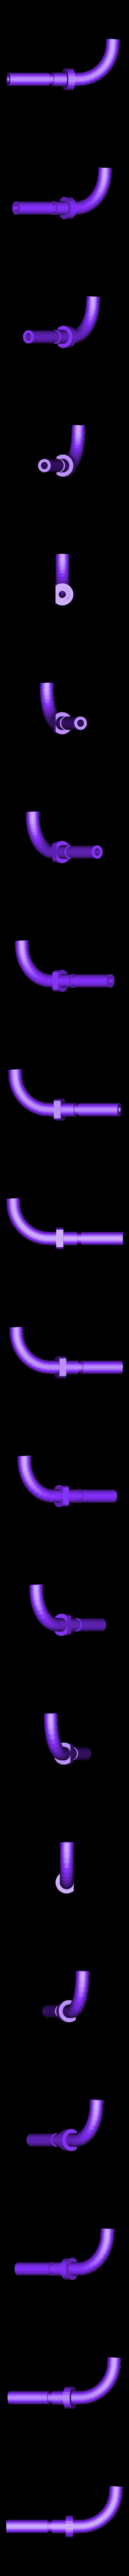 guide_filament_court.stl Télécharger fichier STL gratuit CAISSON DAGOMA - add-on obturateur/guide filament • Modèle à imprimer en 3D, badmax133